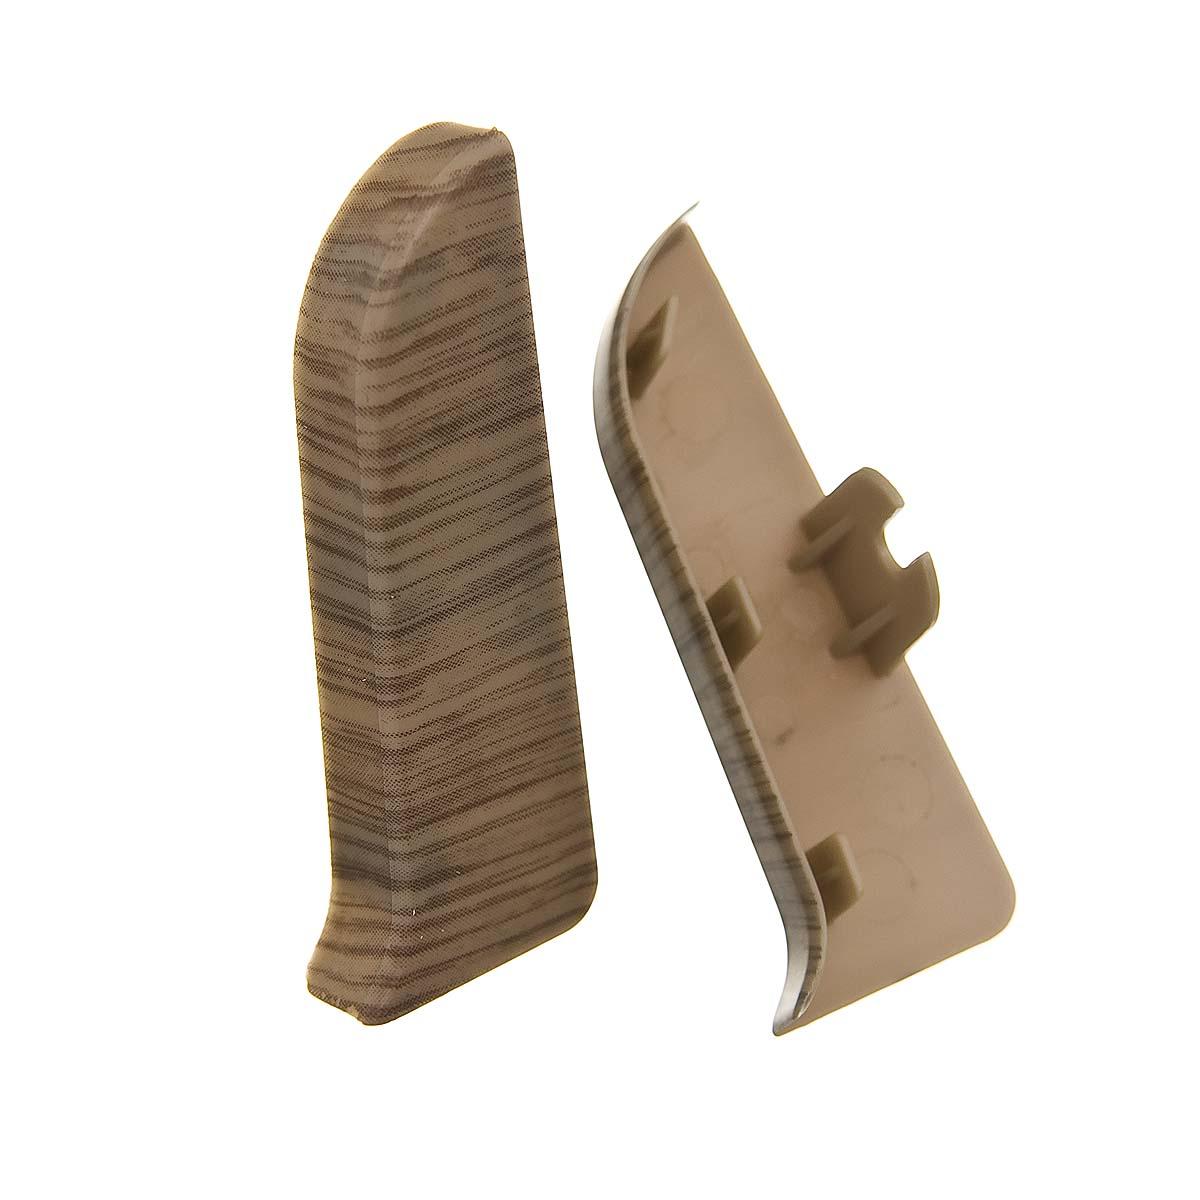 Заглушки торцевые (левая+правая) к плинтусу 68 мм меринос Nexus